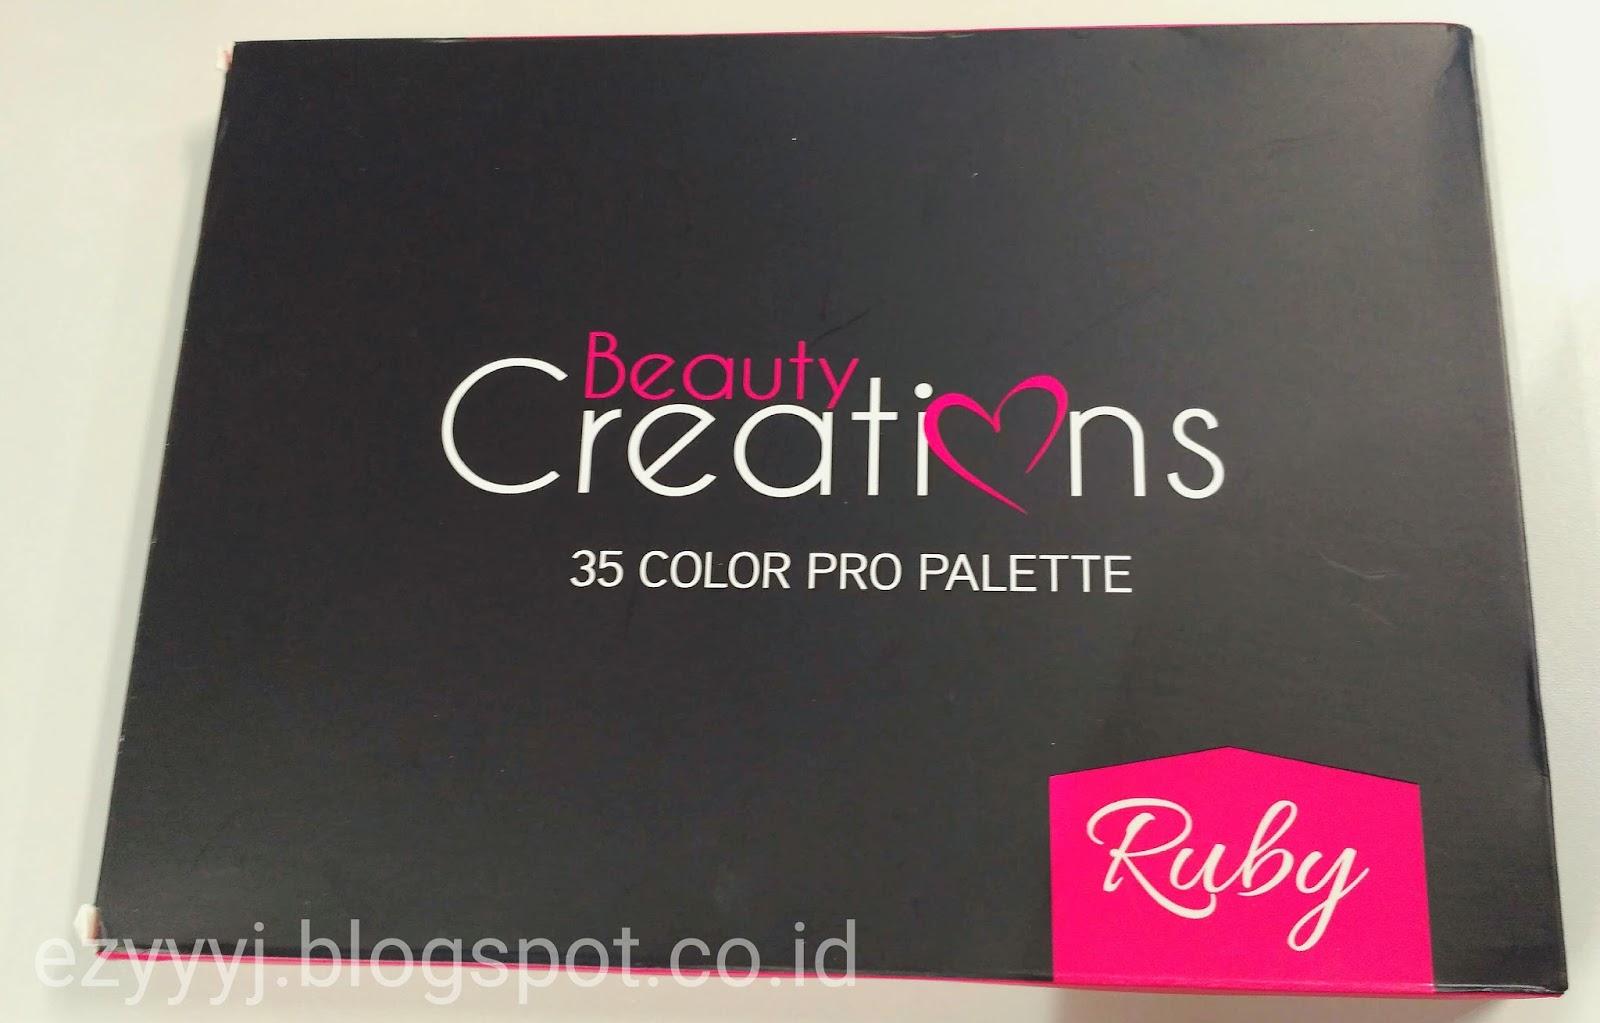 Beauty Creations Ruby 35 Pro Palette Review Between Numbers Cosmetics Ilena I Dont Have Problem With The Packaging Karena Sesungguhnya Cermin Juga Tidak Akan Terlalu Berguna Di Sebesar Ini Dipakai Oleh Mua Pun Biasanya